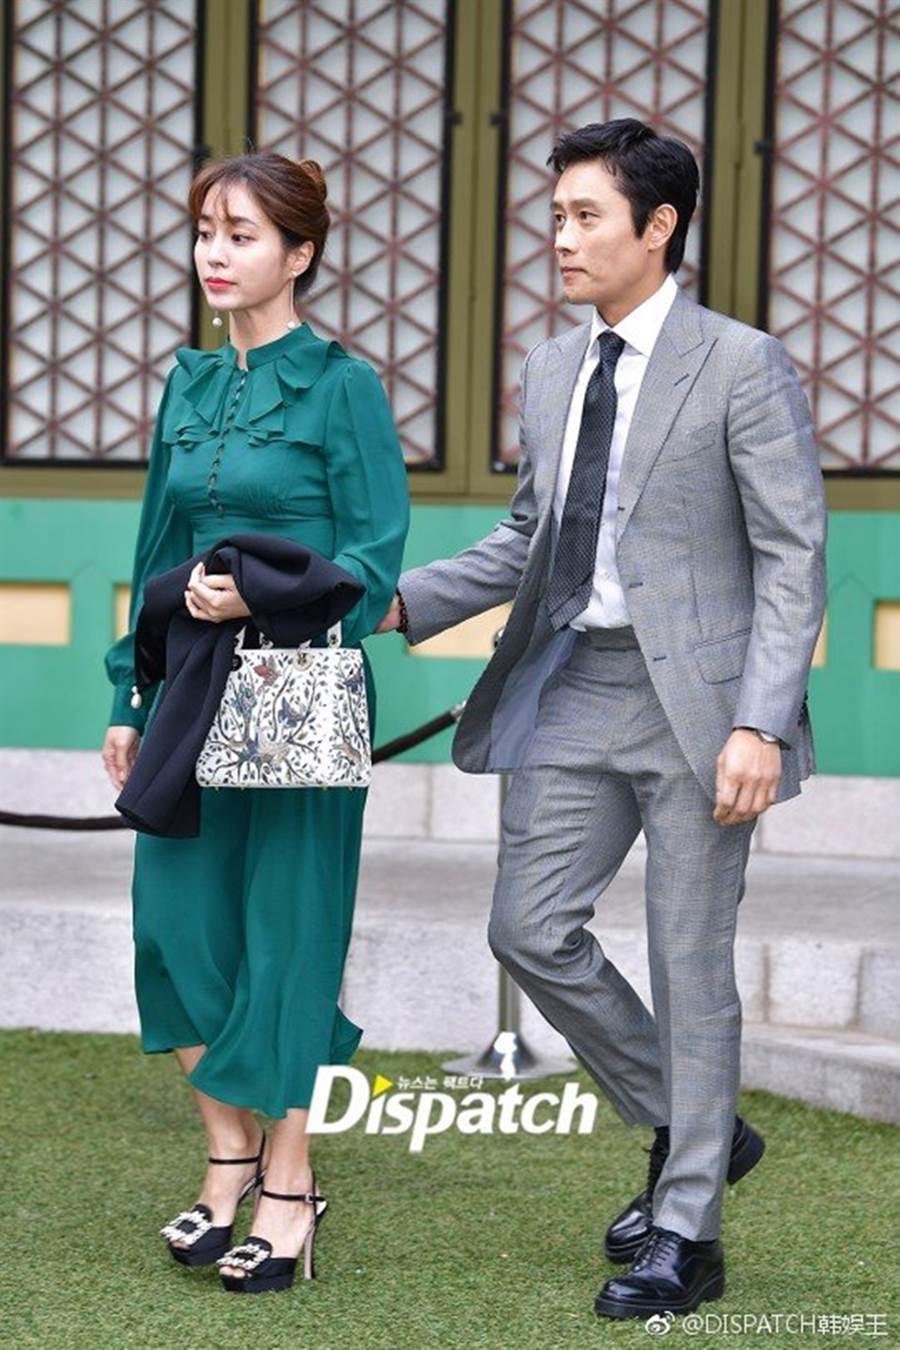 李秉憲在妻子懷孕時找小模調情。(圖/翻攝自DISPATCH韓娛王微博)